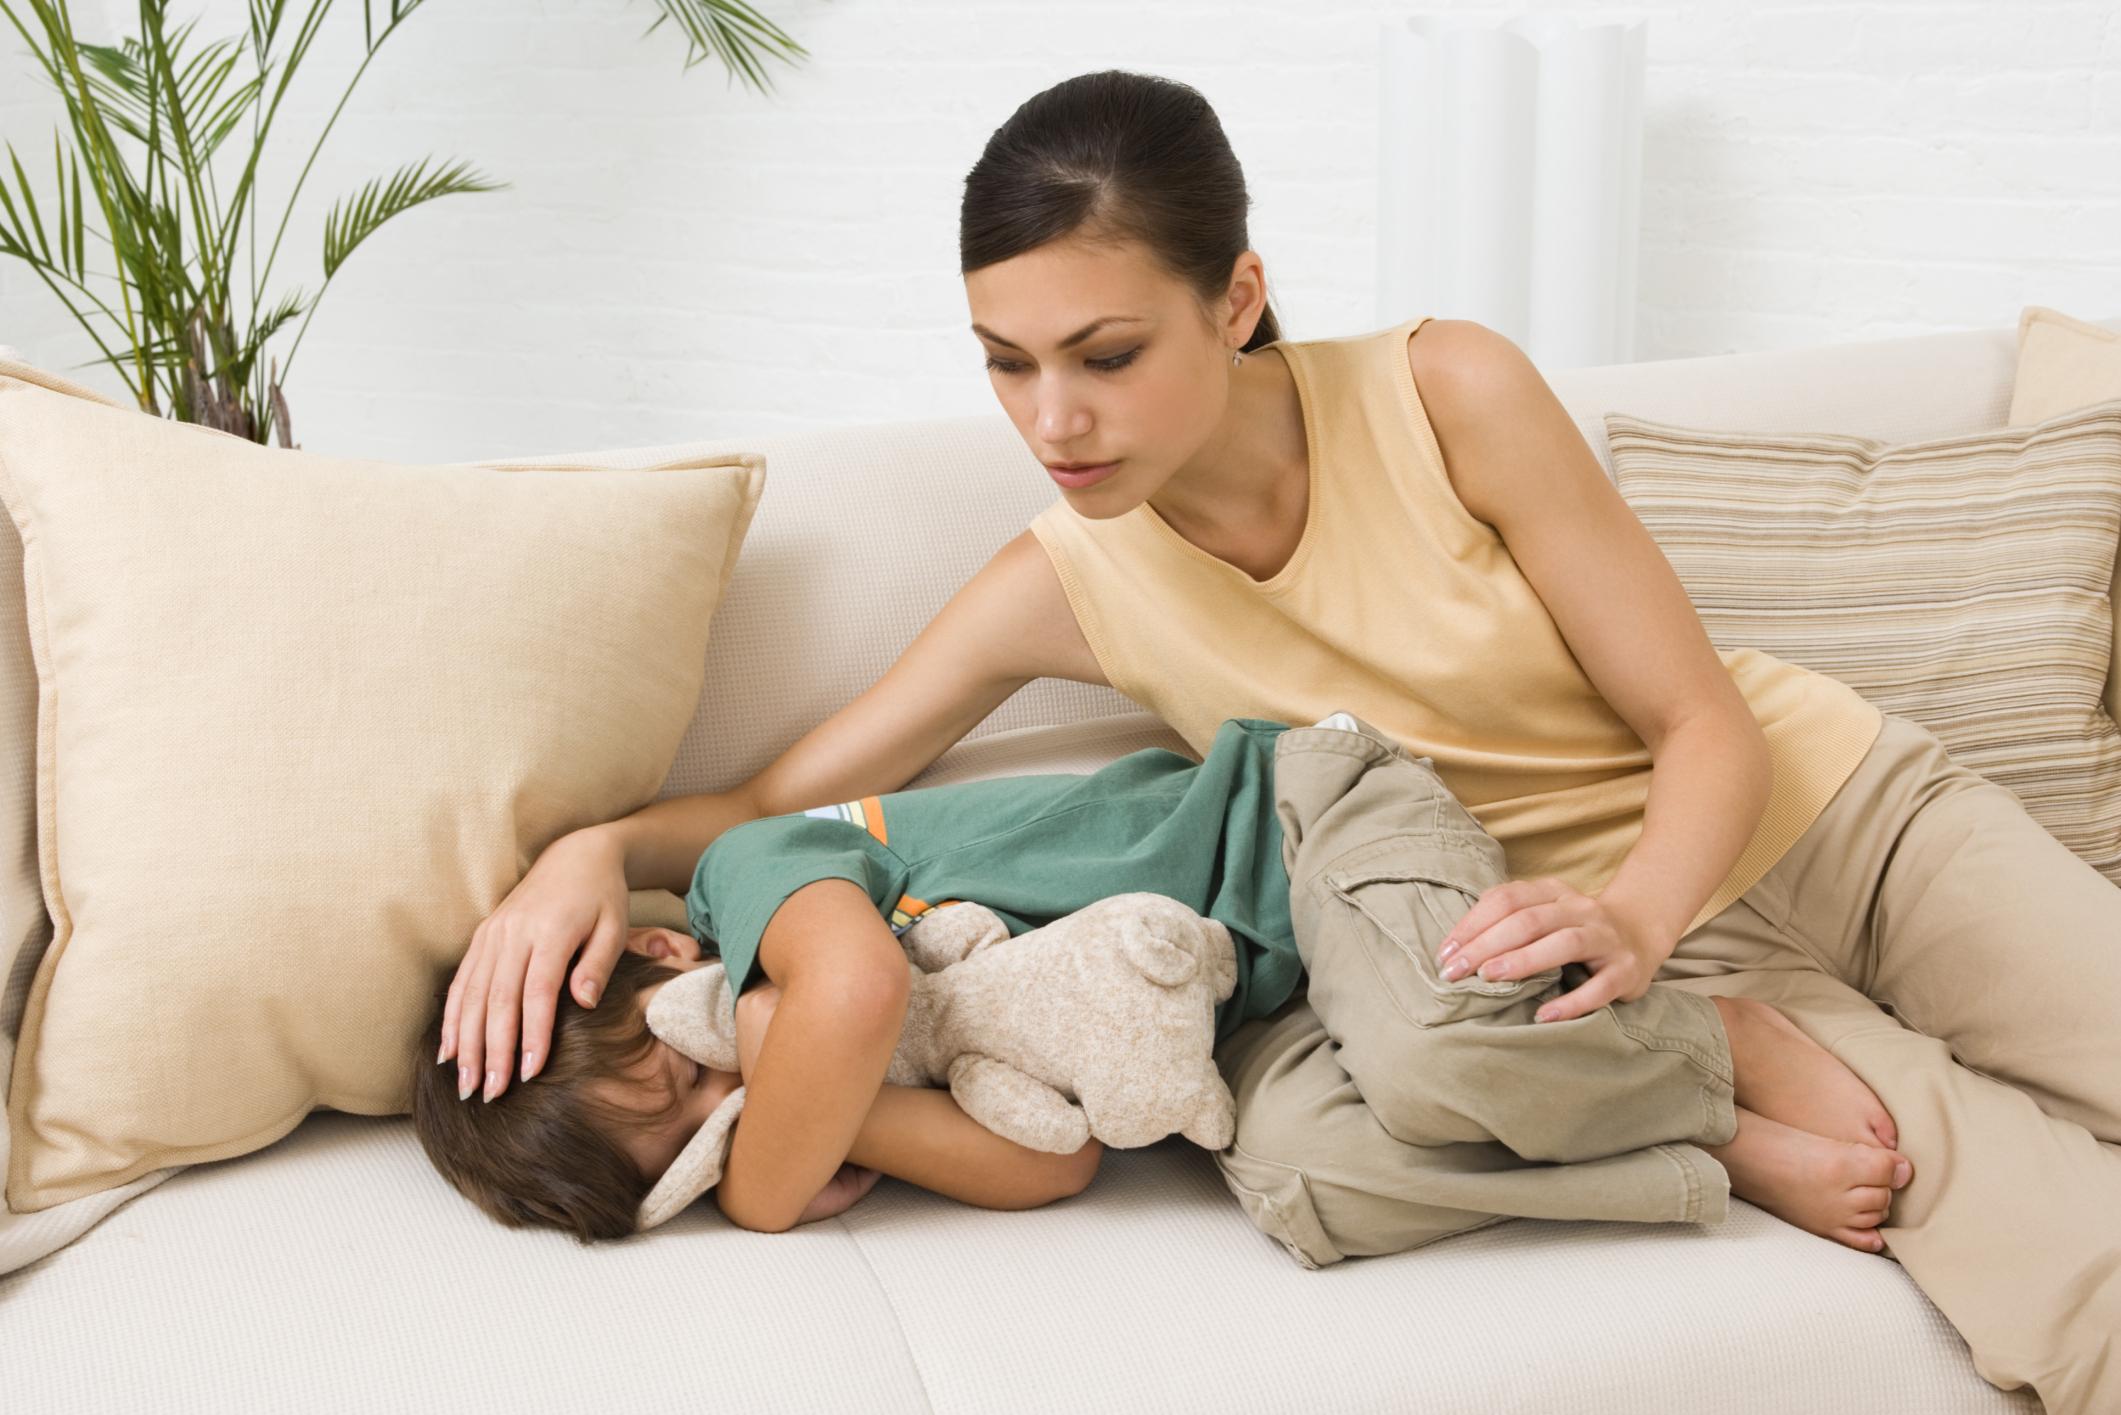 Синдром гипервозбудимости – патология у детей, которая проявляется в виде неконтролируемого поведения. Причиной становятся нарушения в работе головного мозга.